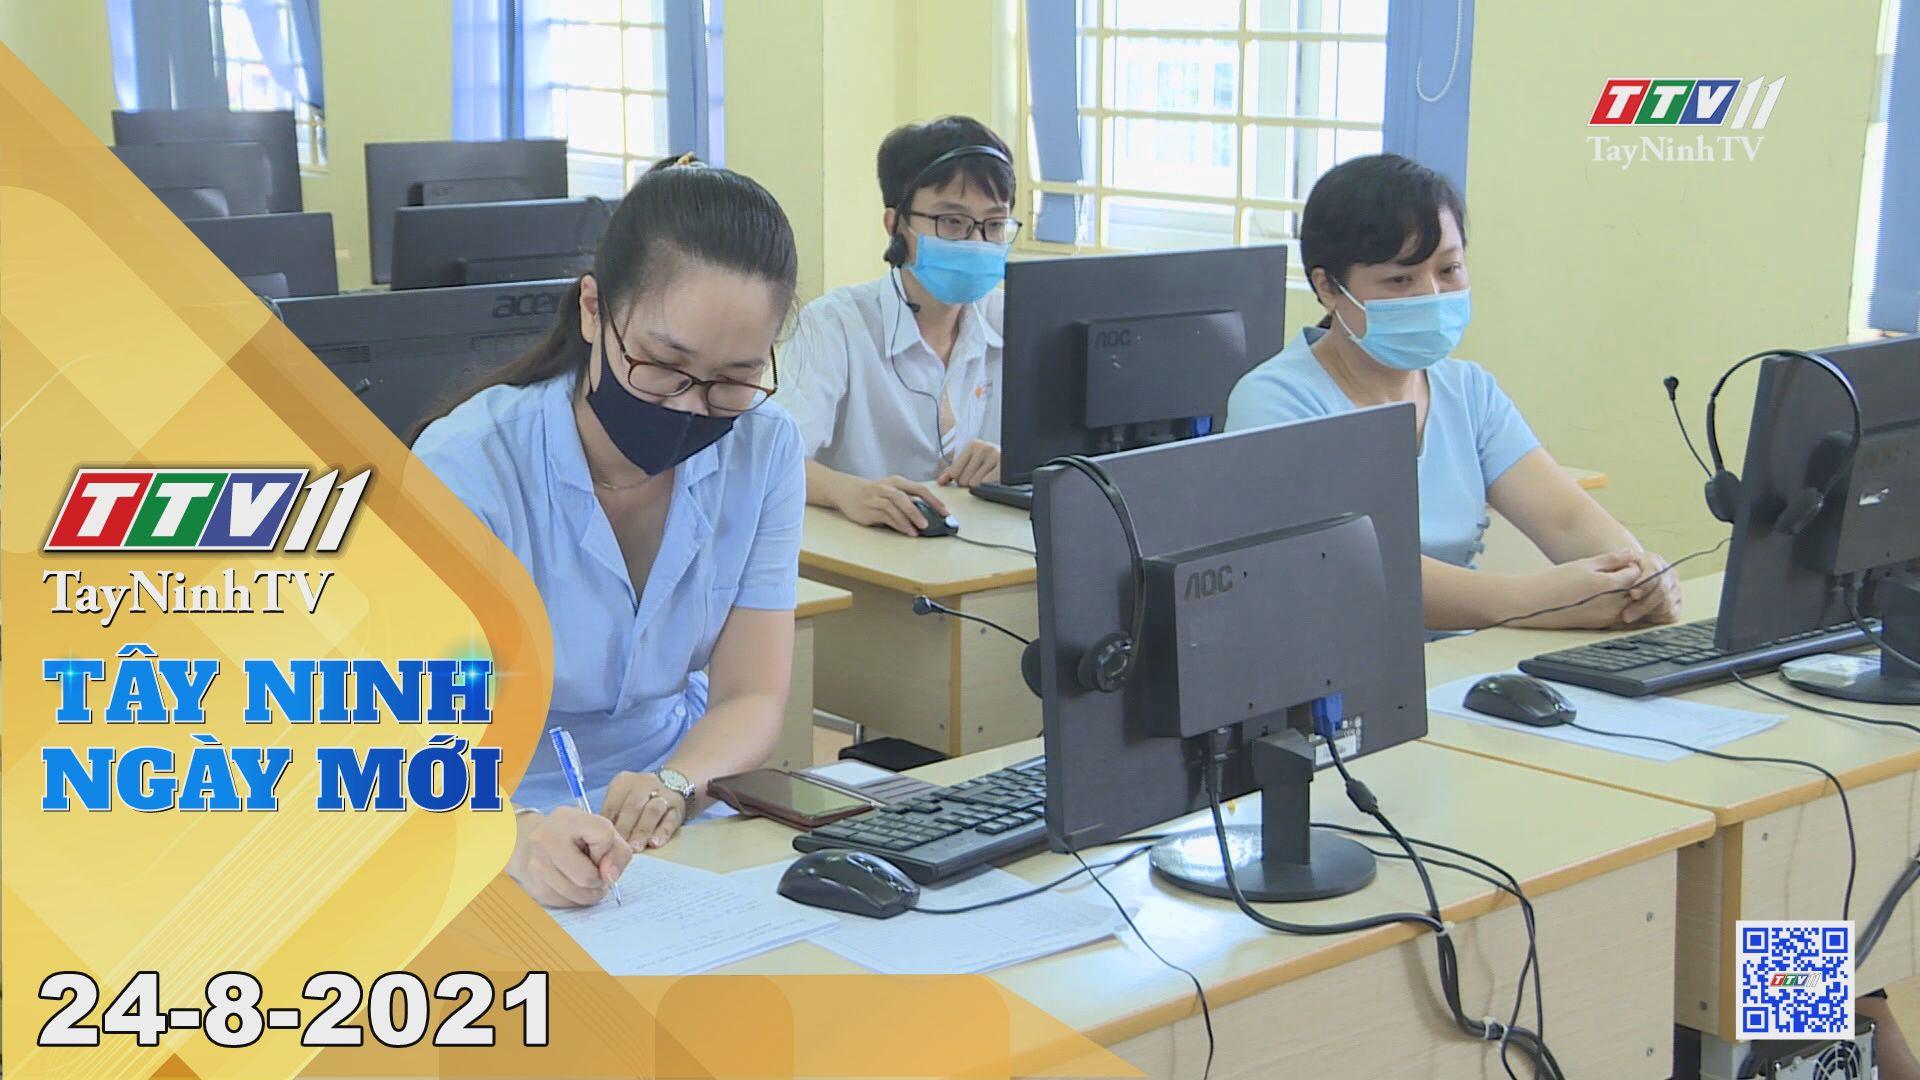 Tây Ninh Ngày Mới 24-8-2021 | Tin tức hôm nay | TayNinhTV